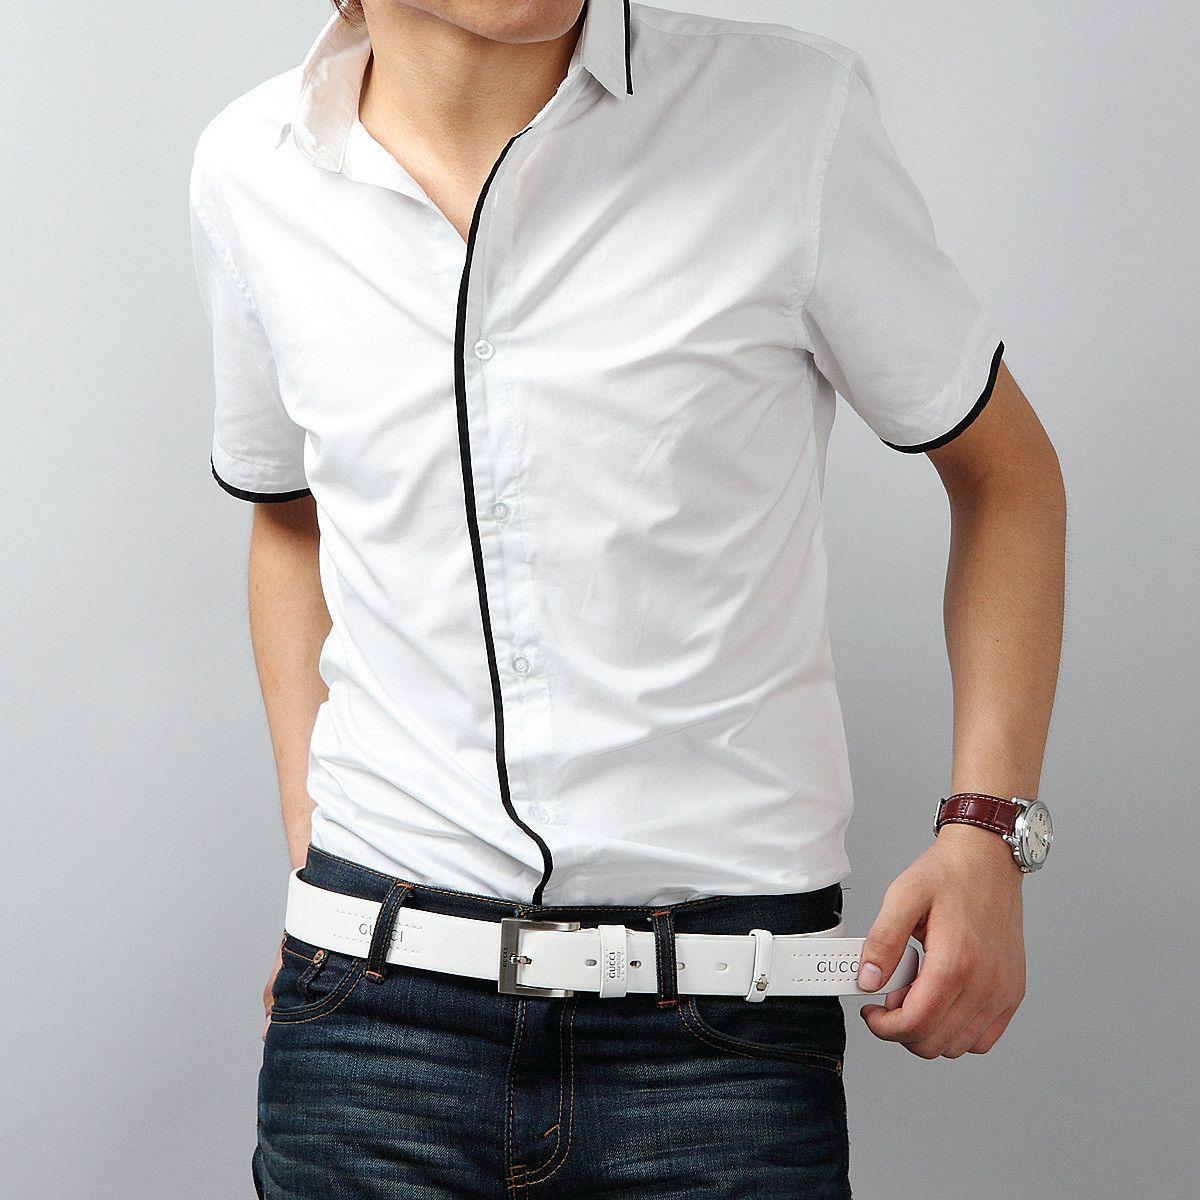 Как гладить мужские рубашки 12